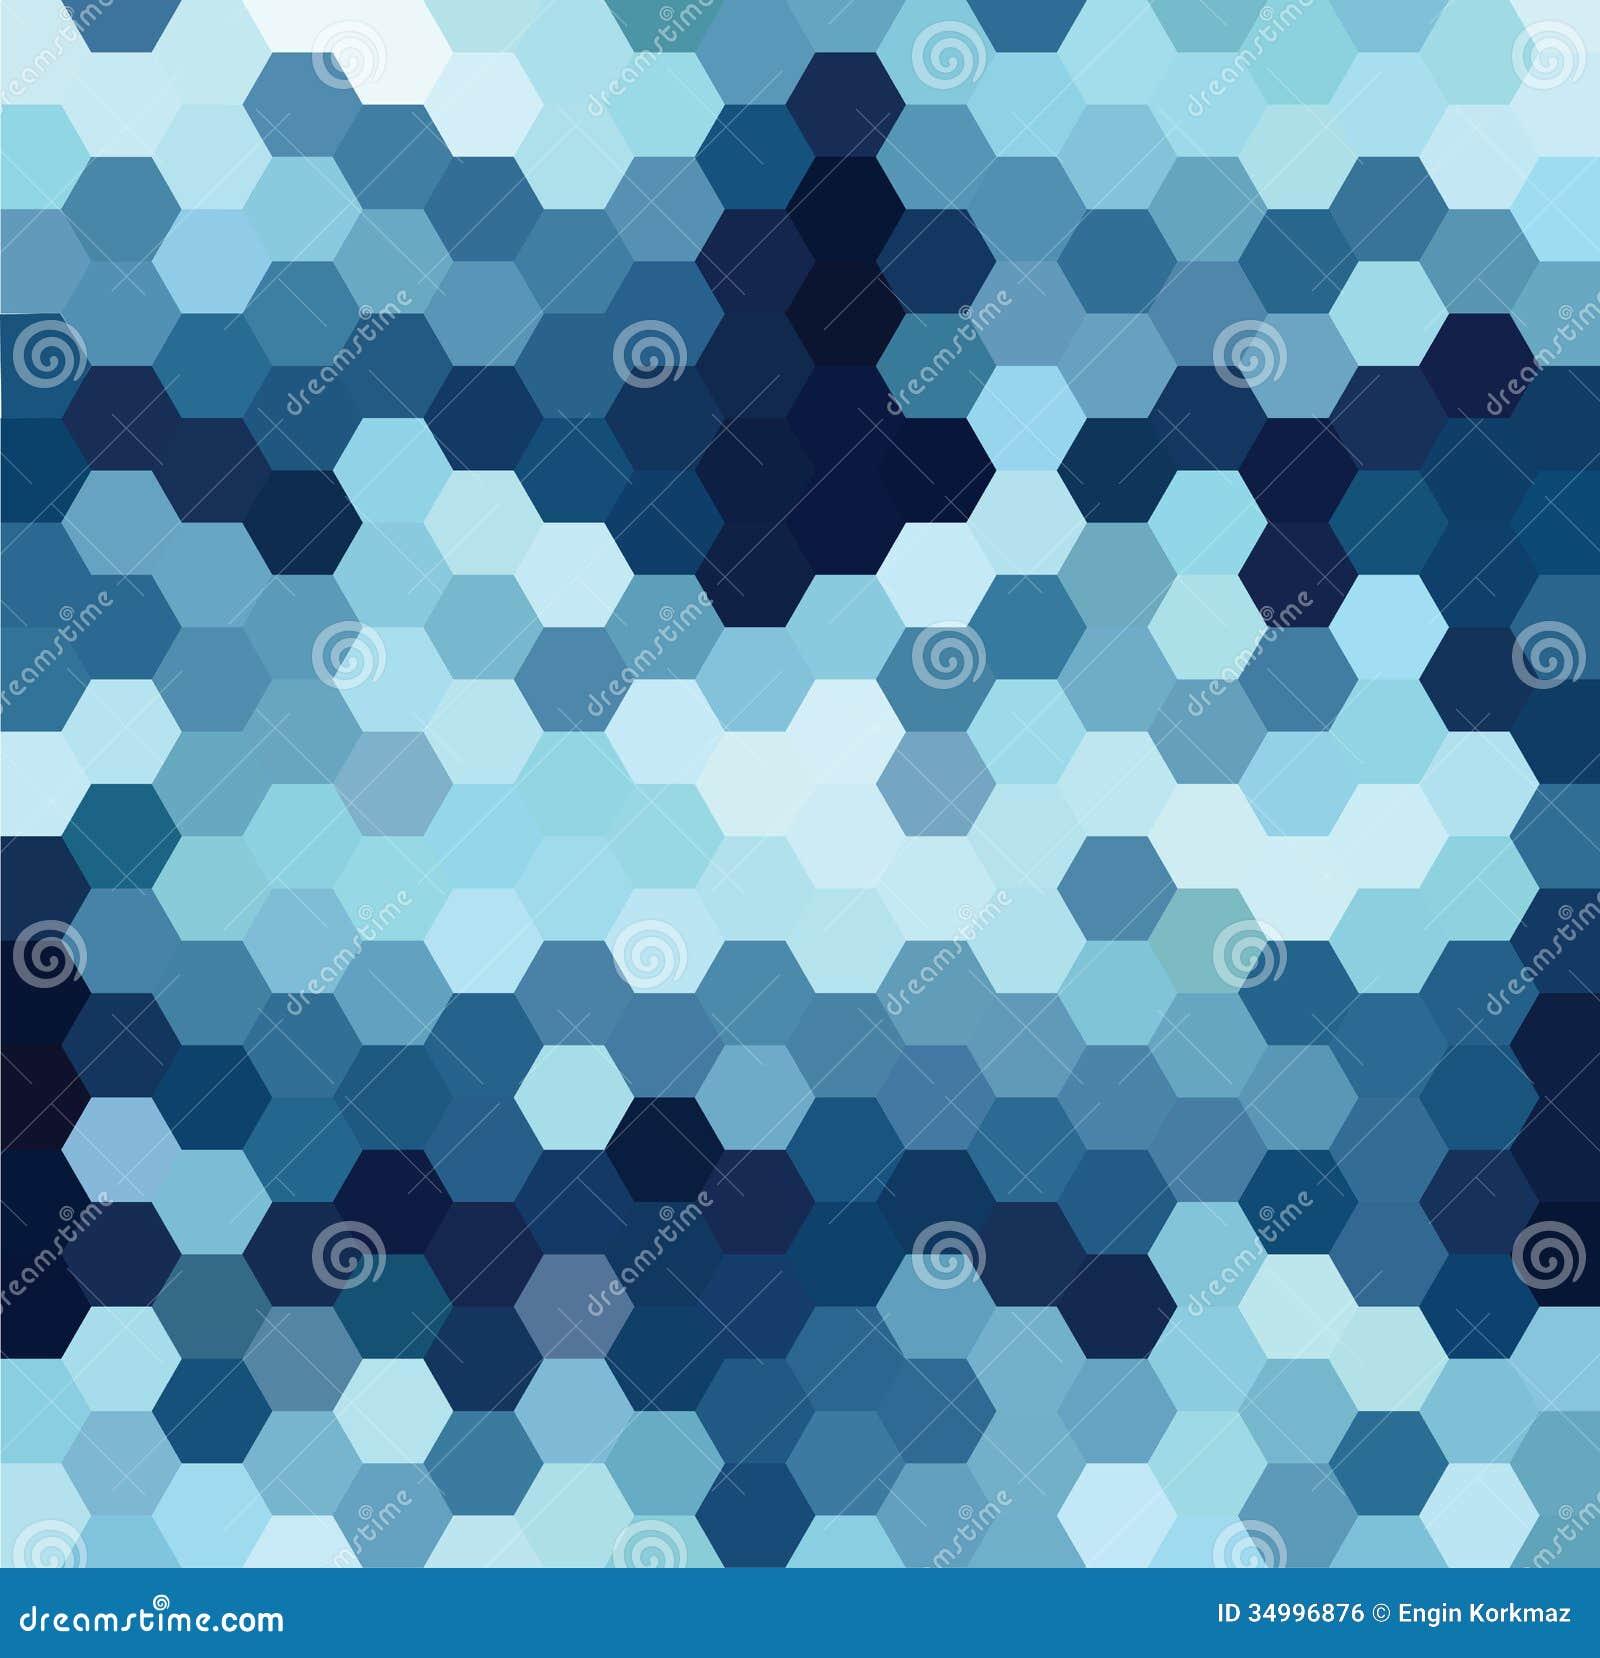 blue hexagonal pattern vector - photo #1